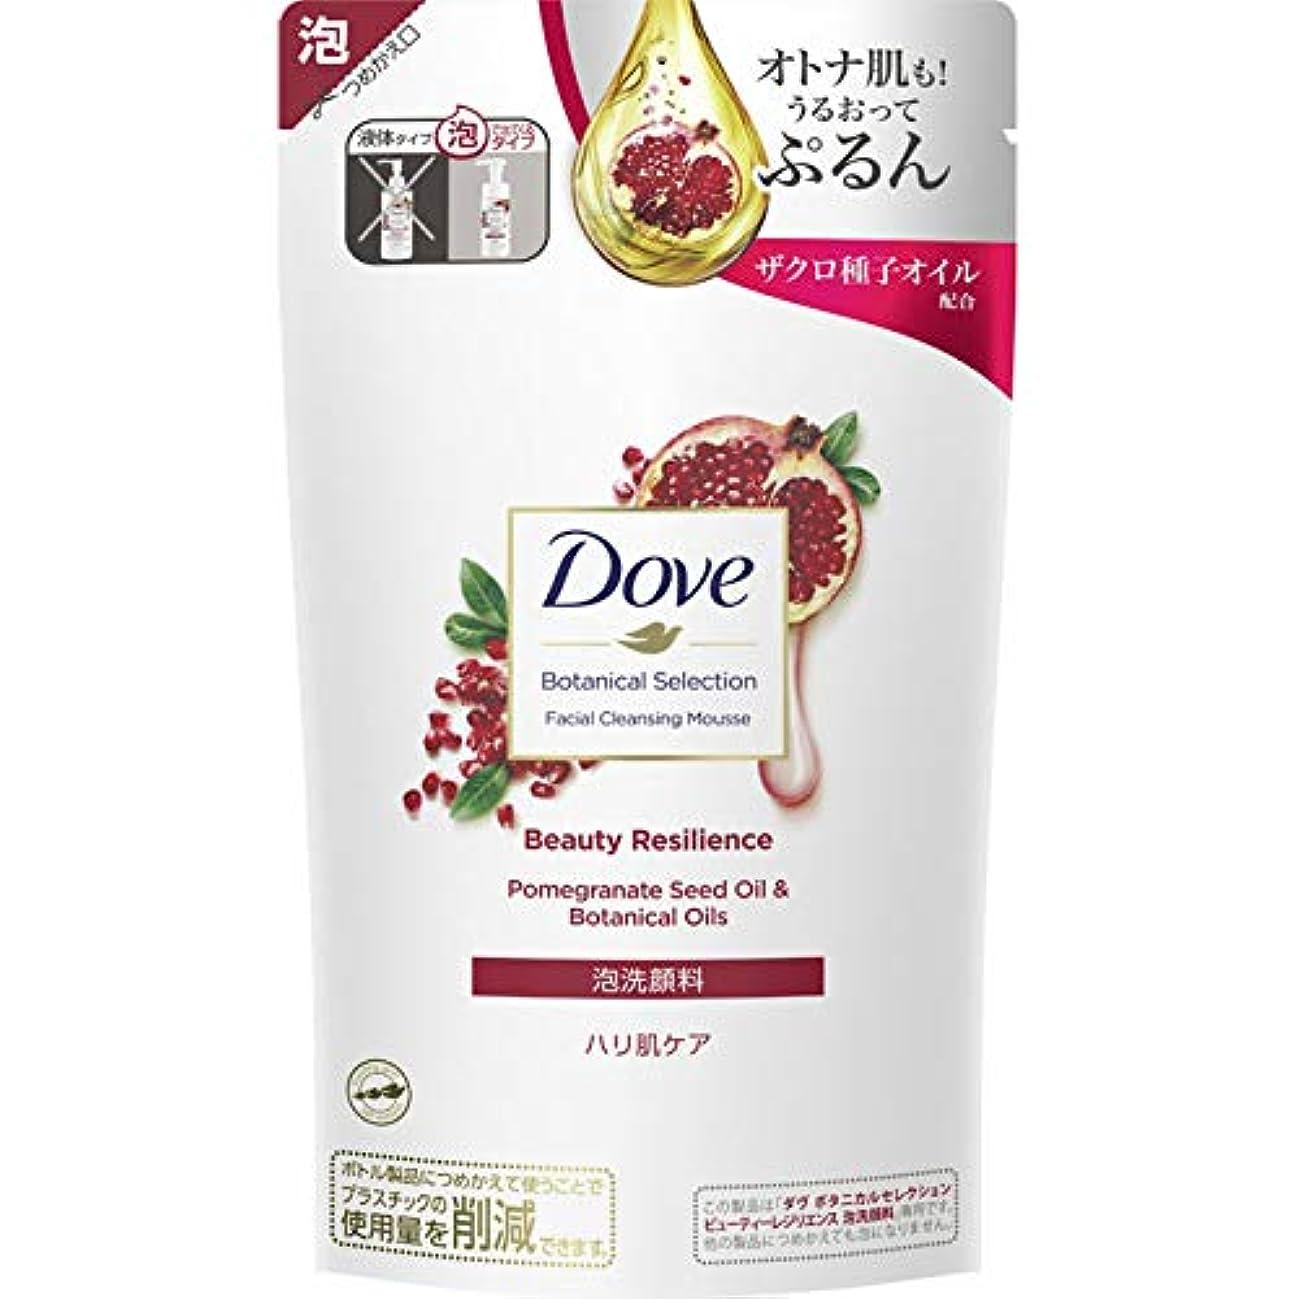 心から開始簡潔な【5個セット】ダヴ ボタニカルセレクション ビューティーレジリエンス 泡洗顔料 つめかえ用 135mL